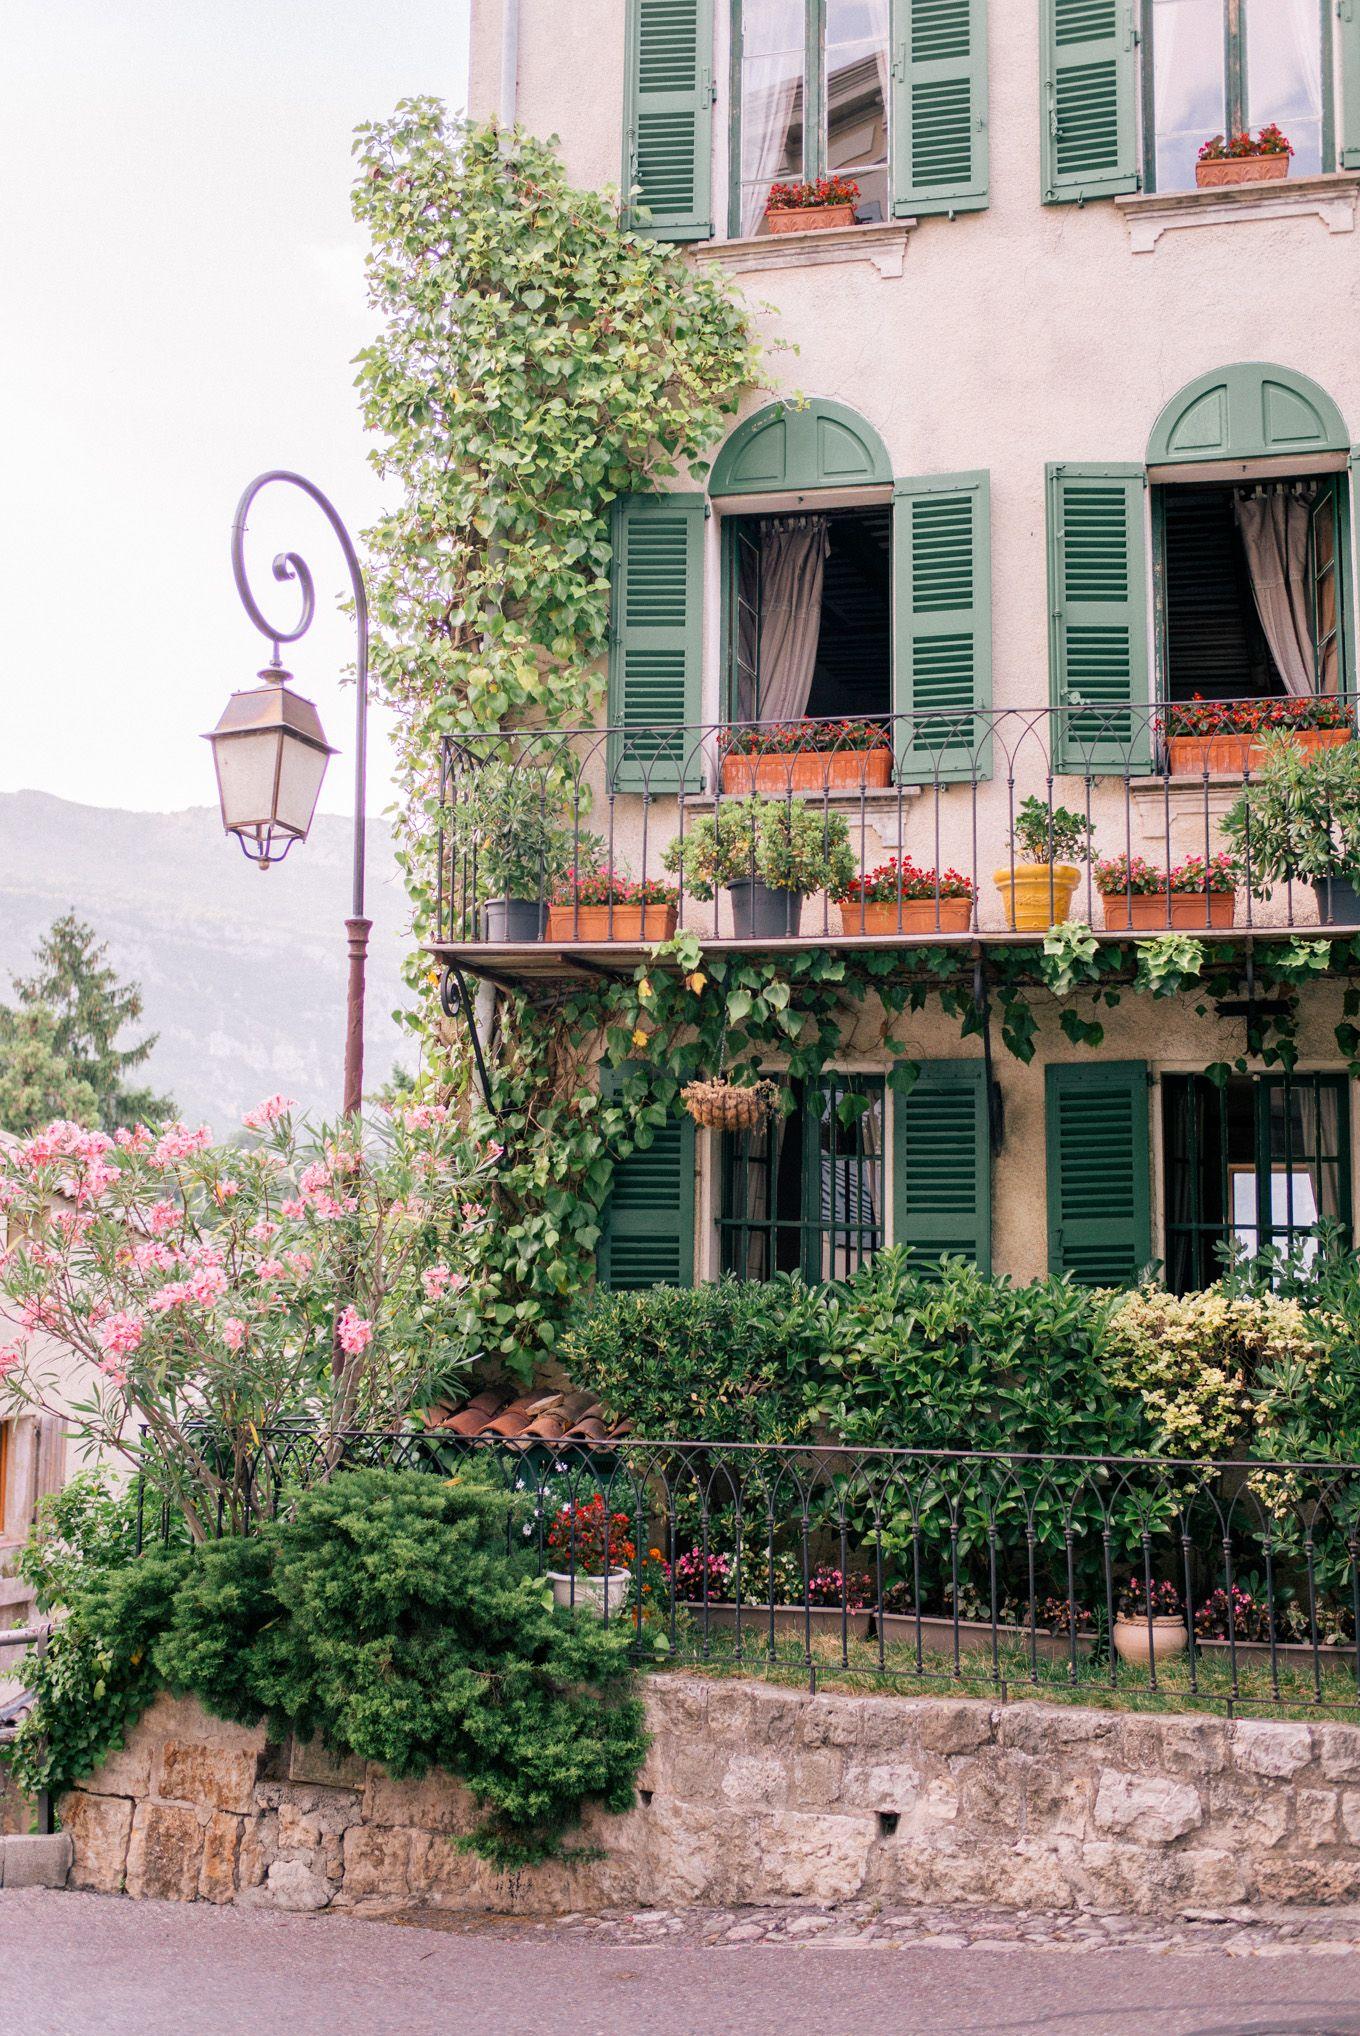 Gal Meets Glam L'Escale de Ciel, France - Du Ciel Bed and Breakfast France